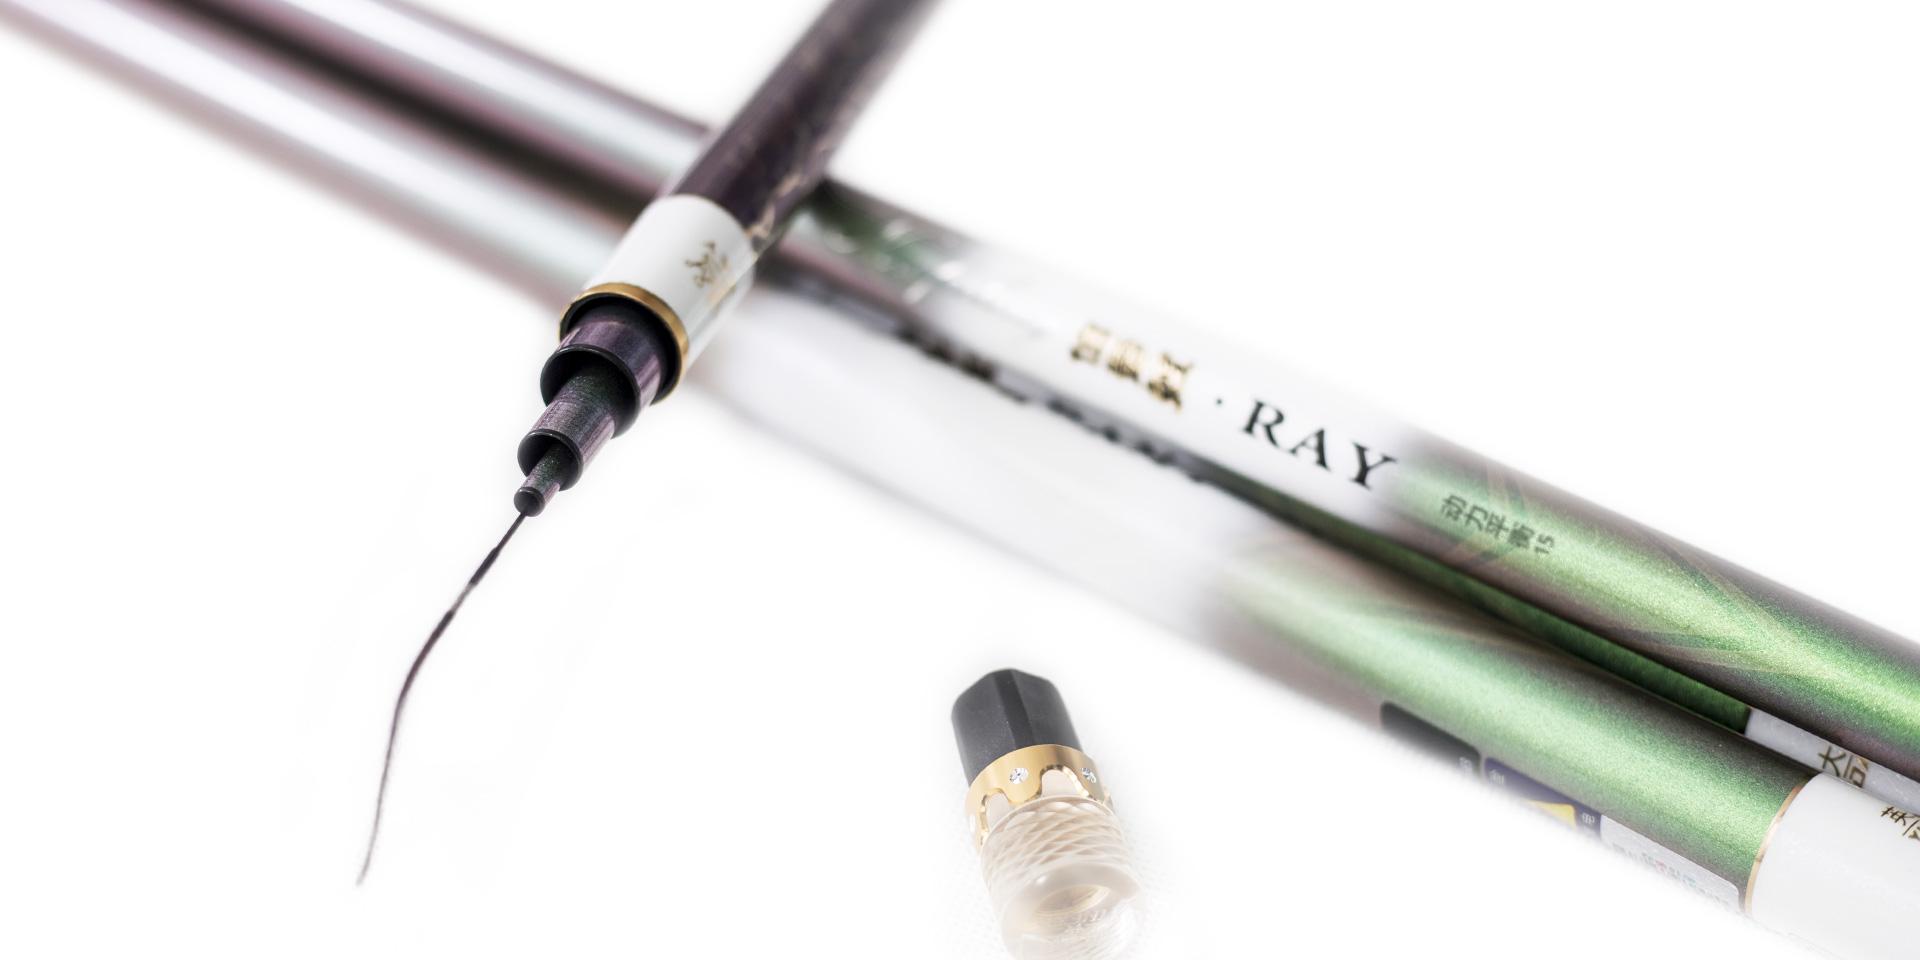 合金嵌钻工艺水晶前堵,竿梢节装配防线缠绕万向合金转环